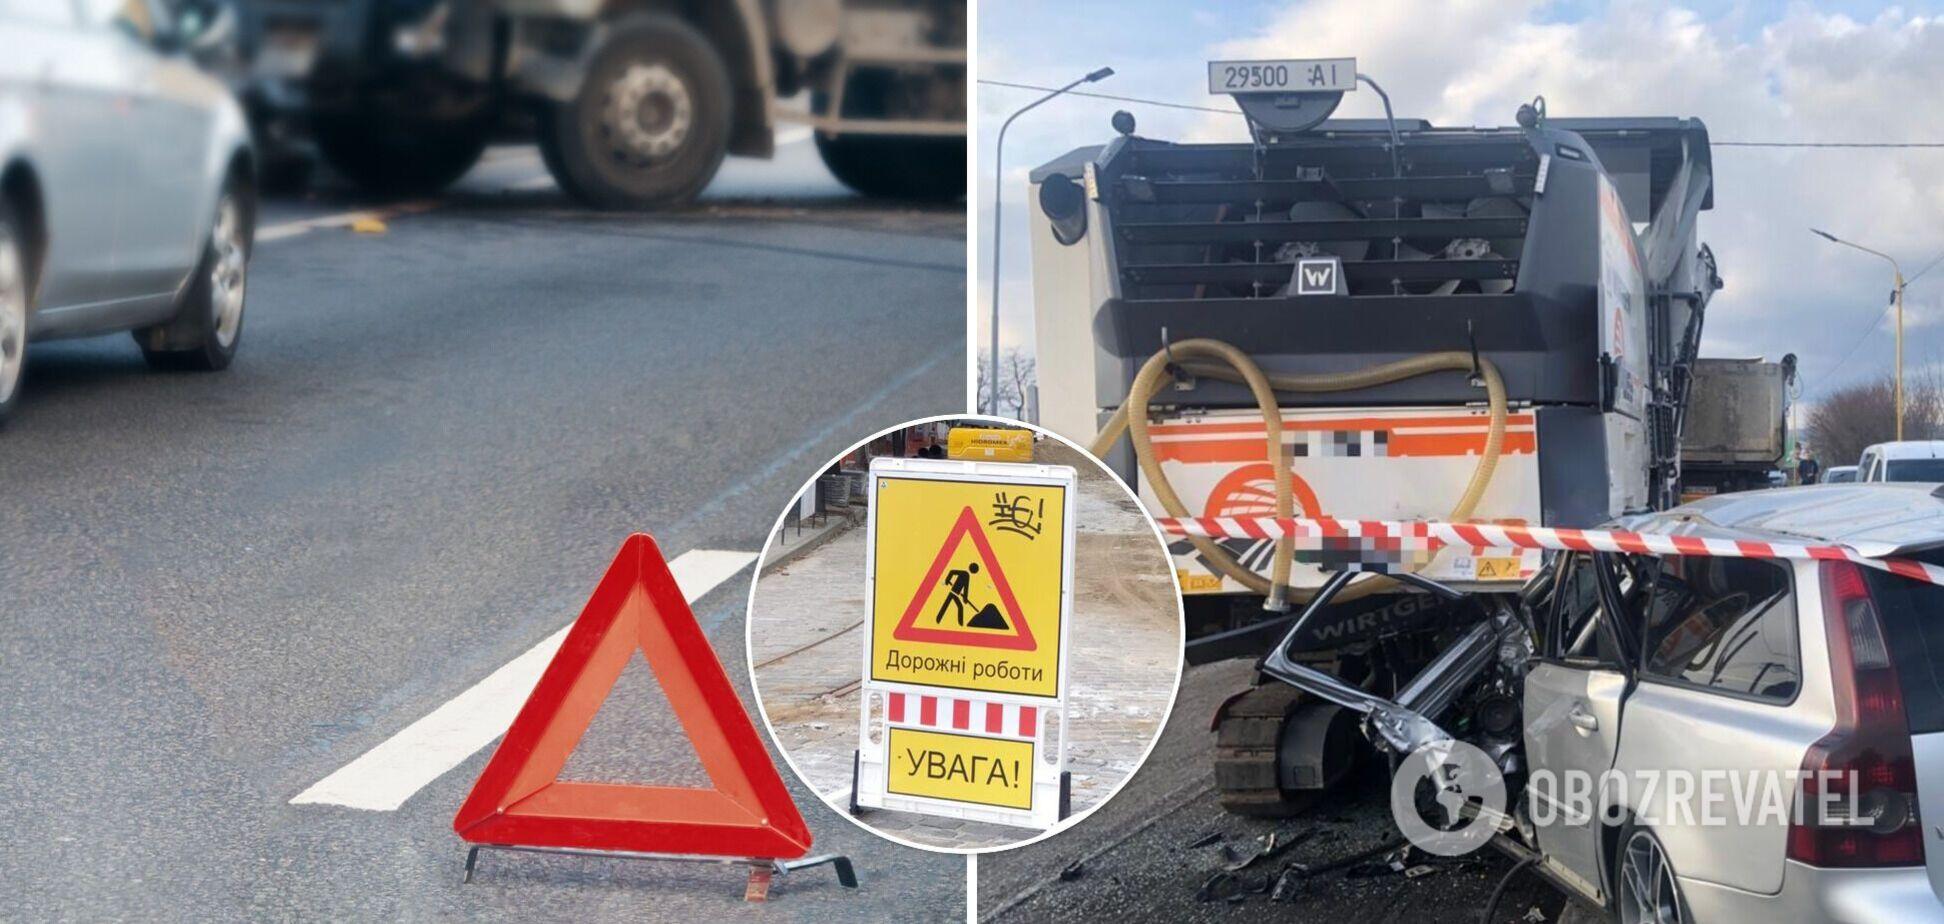 Під Ужгородом Volvo сплюснуло від зіткнення з авто служби ремонту доріг, є жертви. Фото